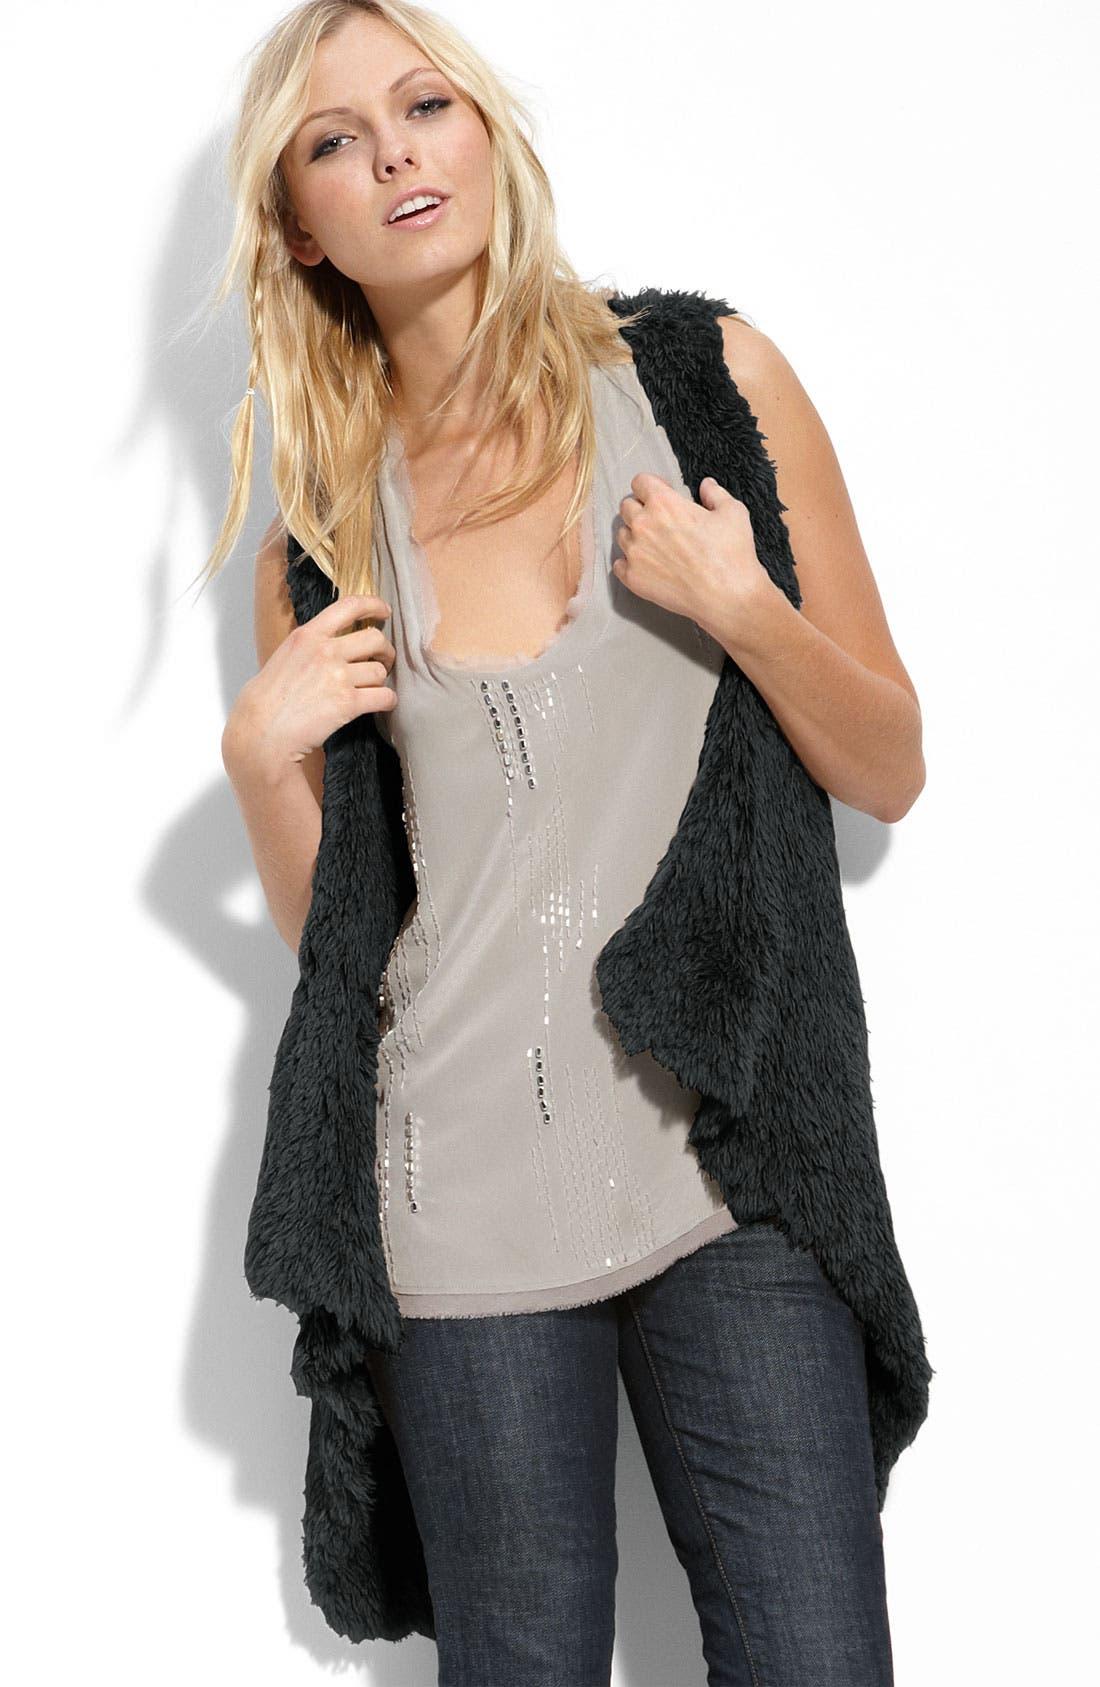 KENSIE, 'Shaggy' Faux Fur Vest, Main thumbnail 1, color, 001